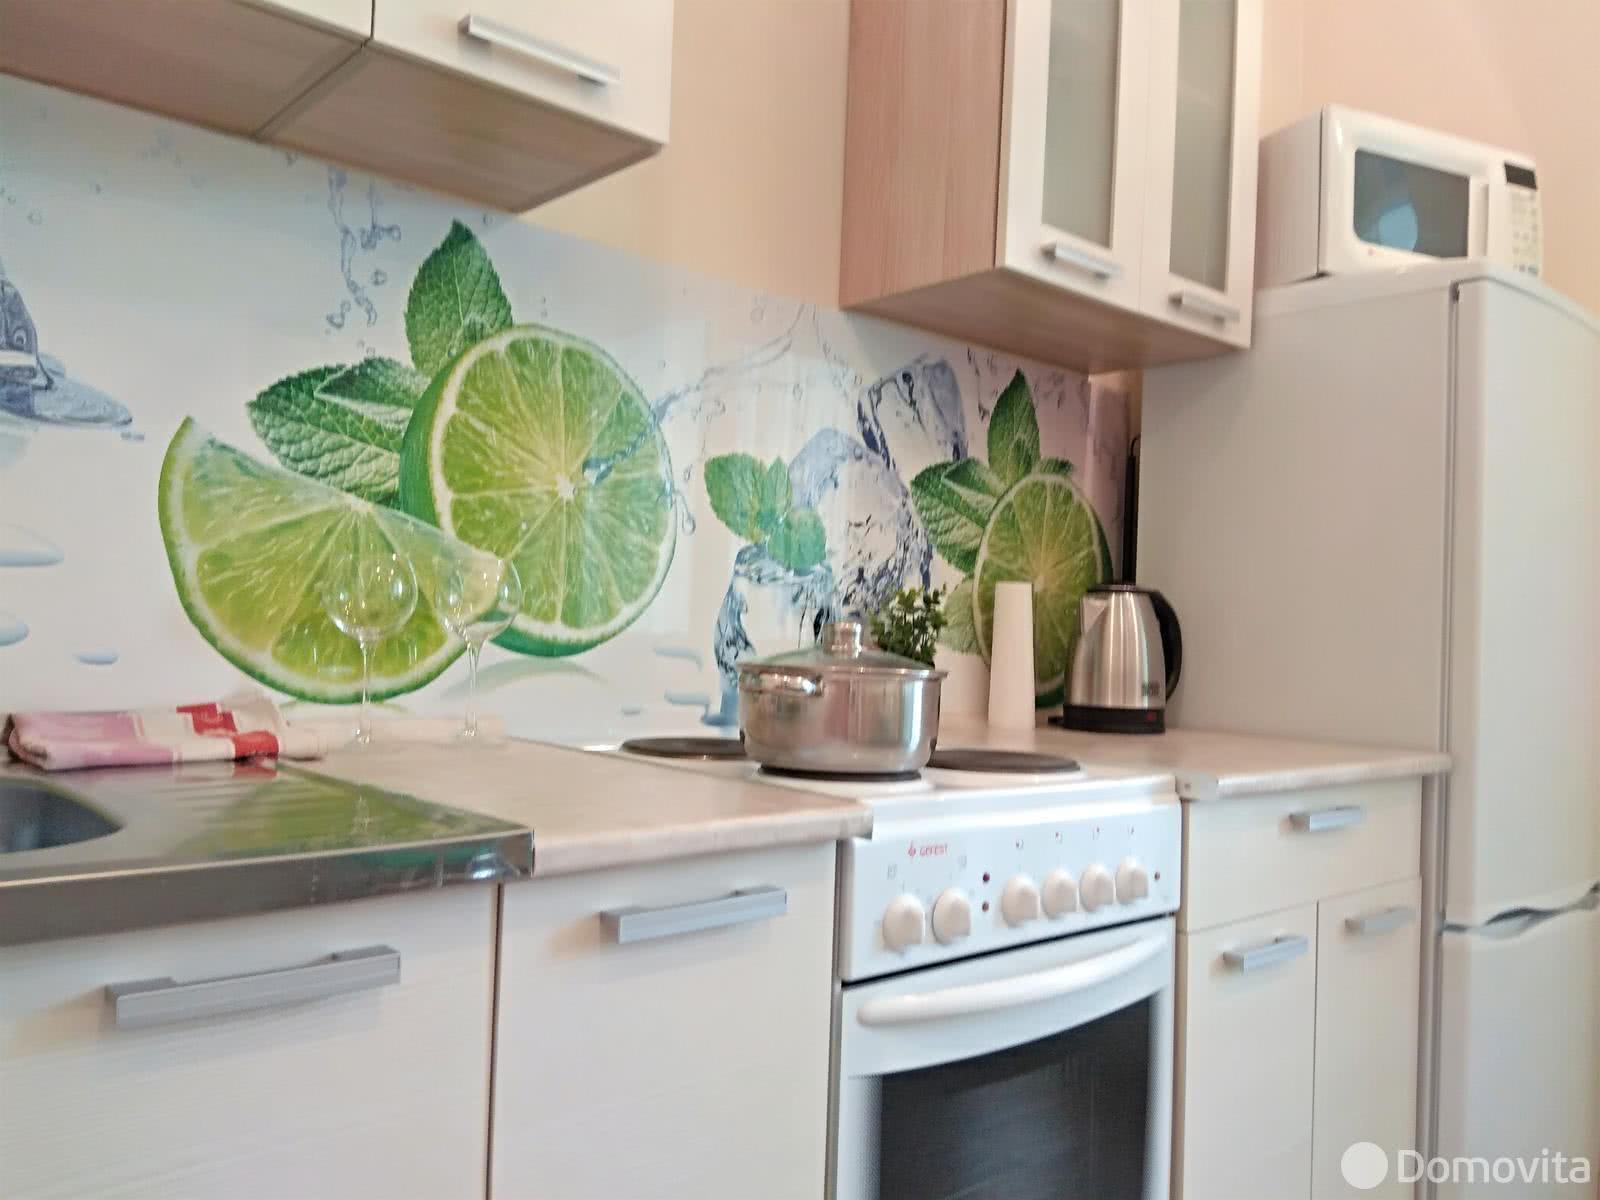 Аренда 1-комнатной квартиры на сутки в Минске ул. Притыцкого, д. 77 - фото 6